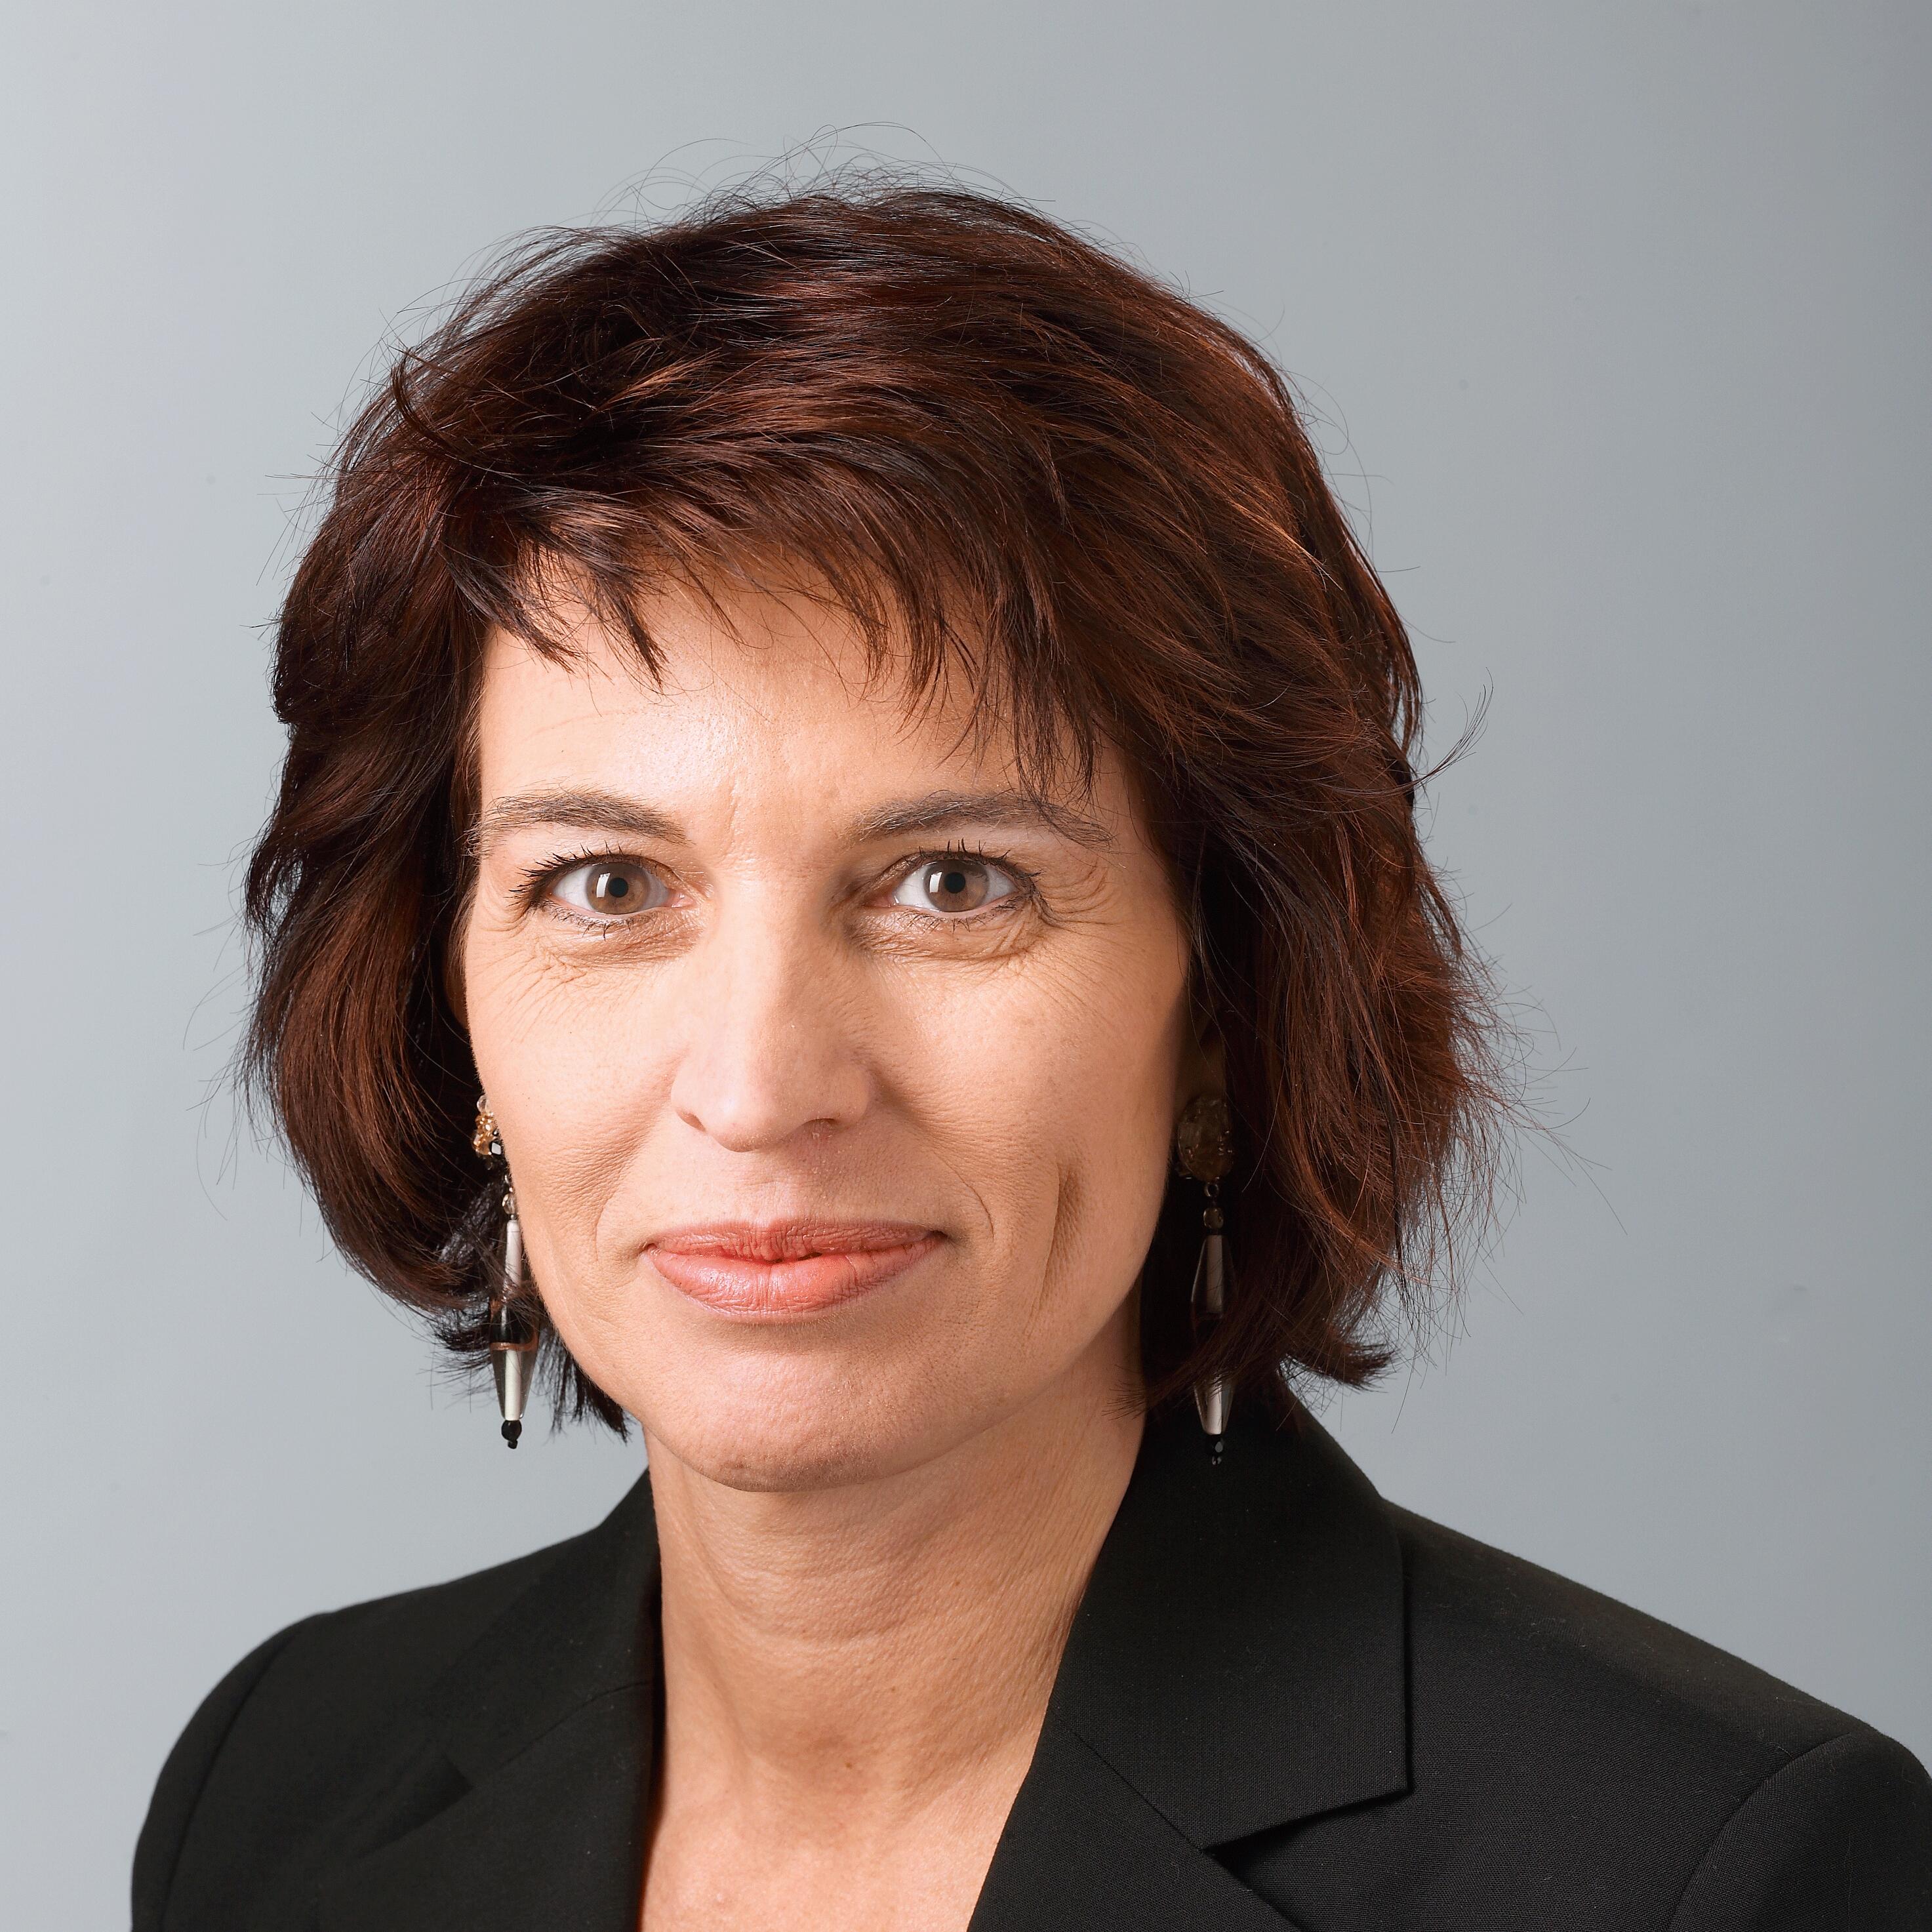 Doris Leuthard est la nouvelle présidente de la Suisse.